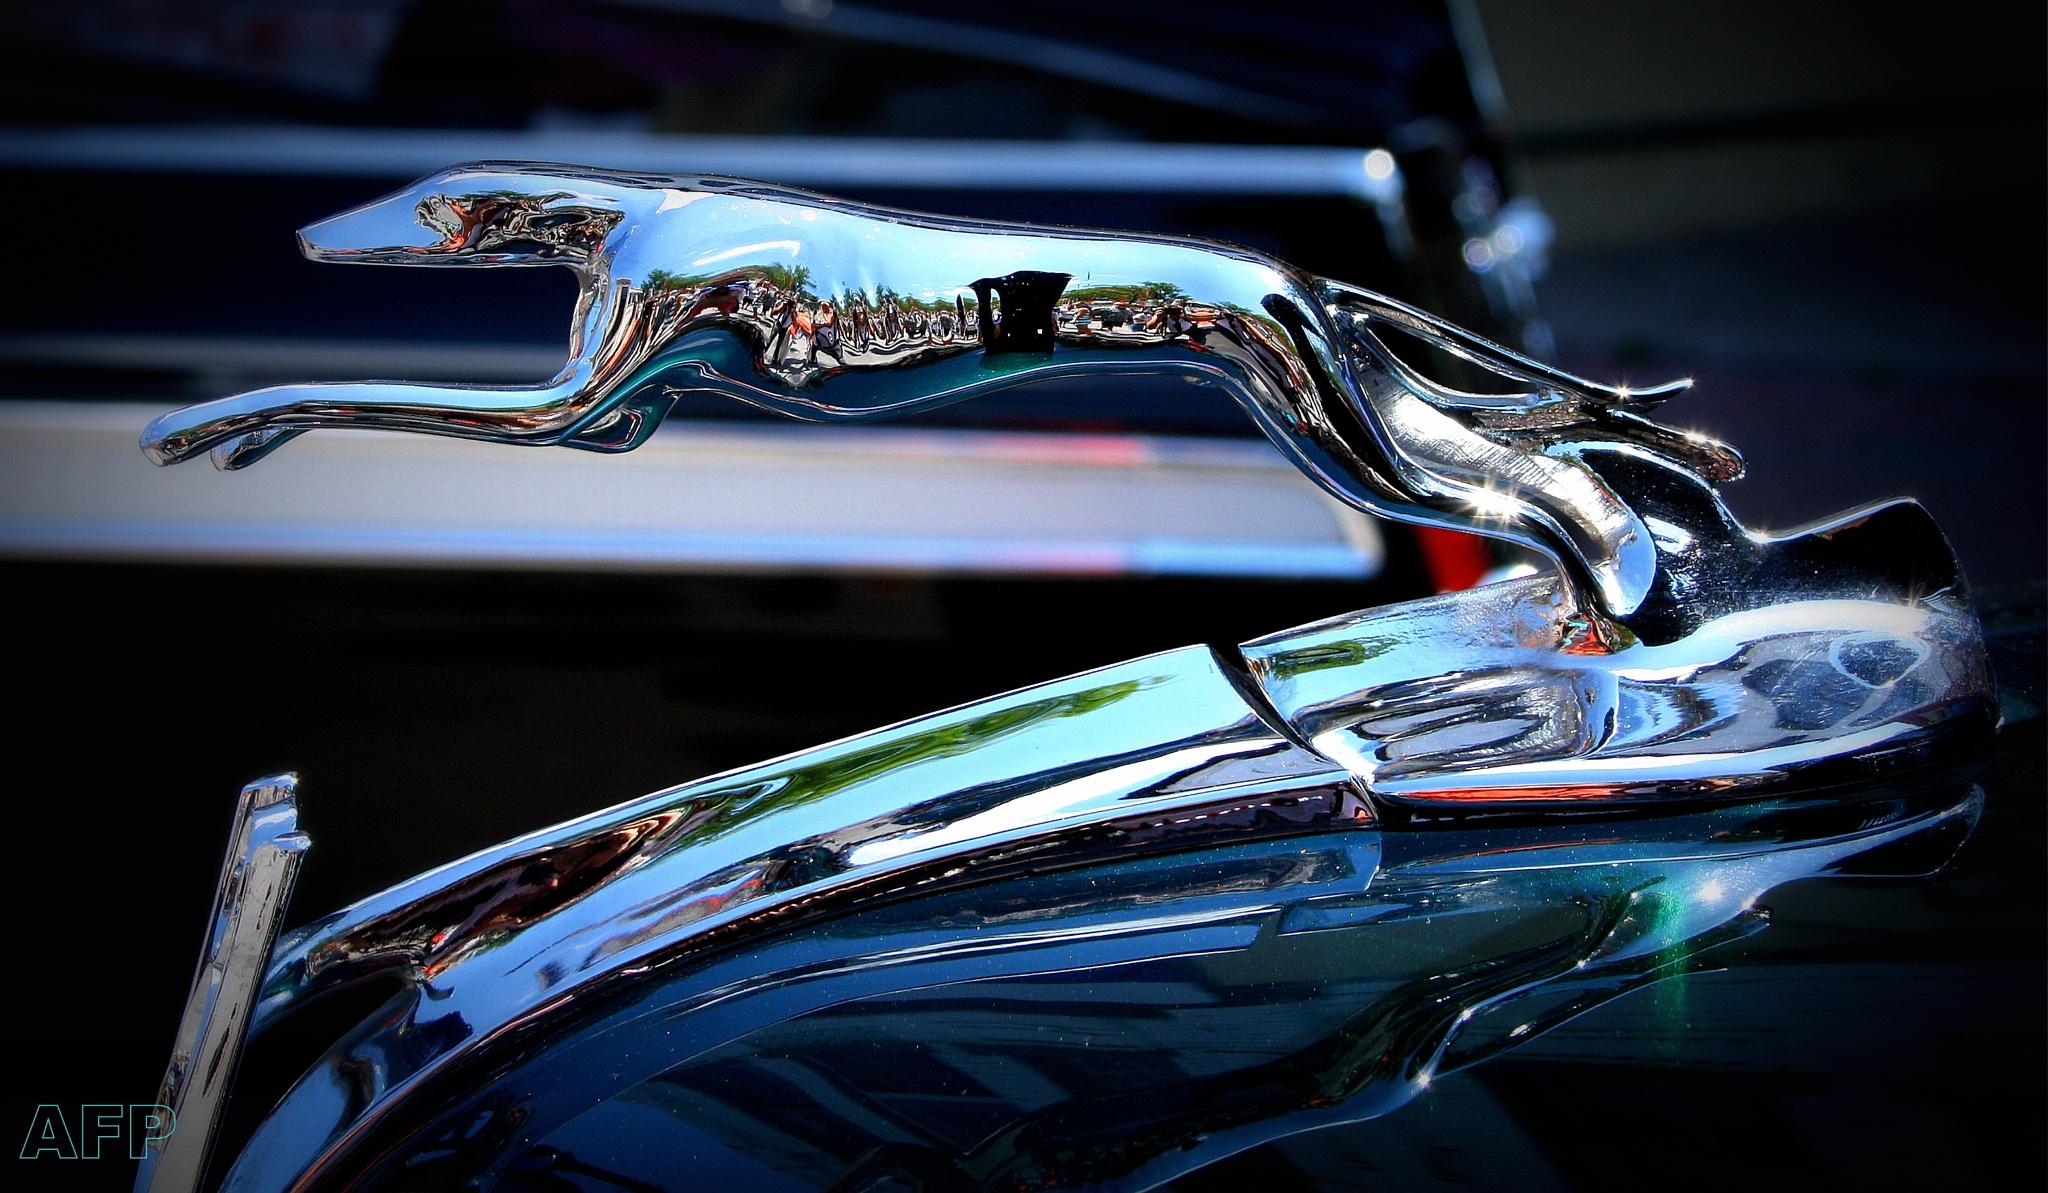 Chrome Hound by Allan Fritz